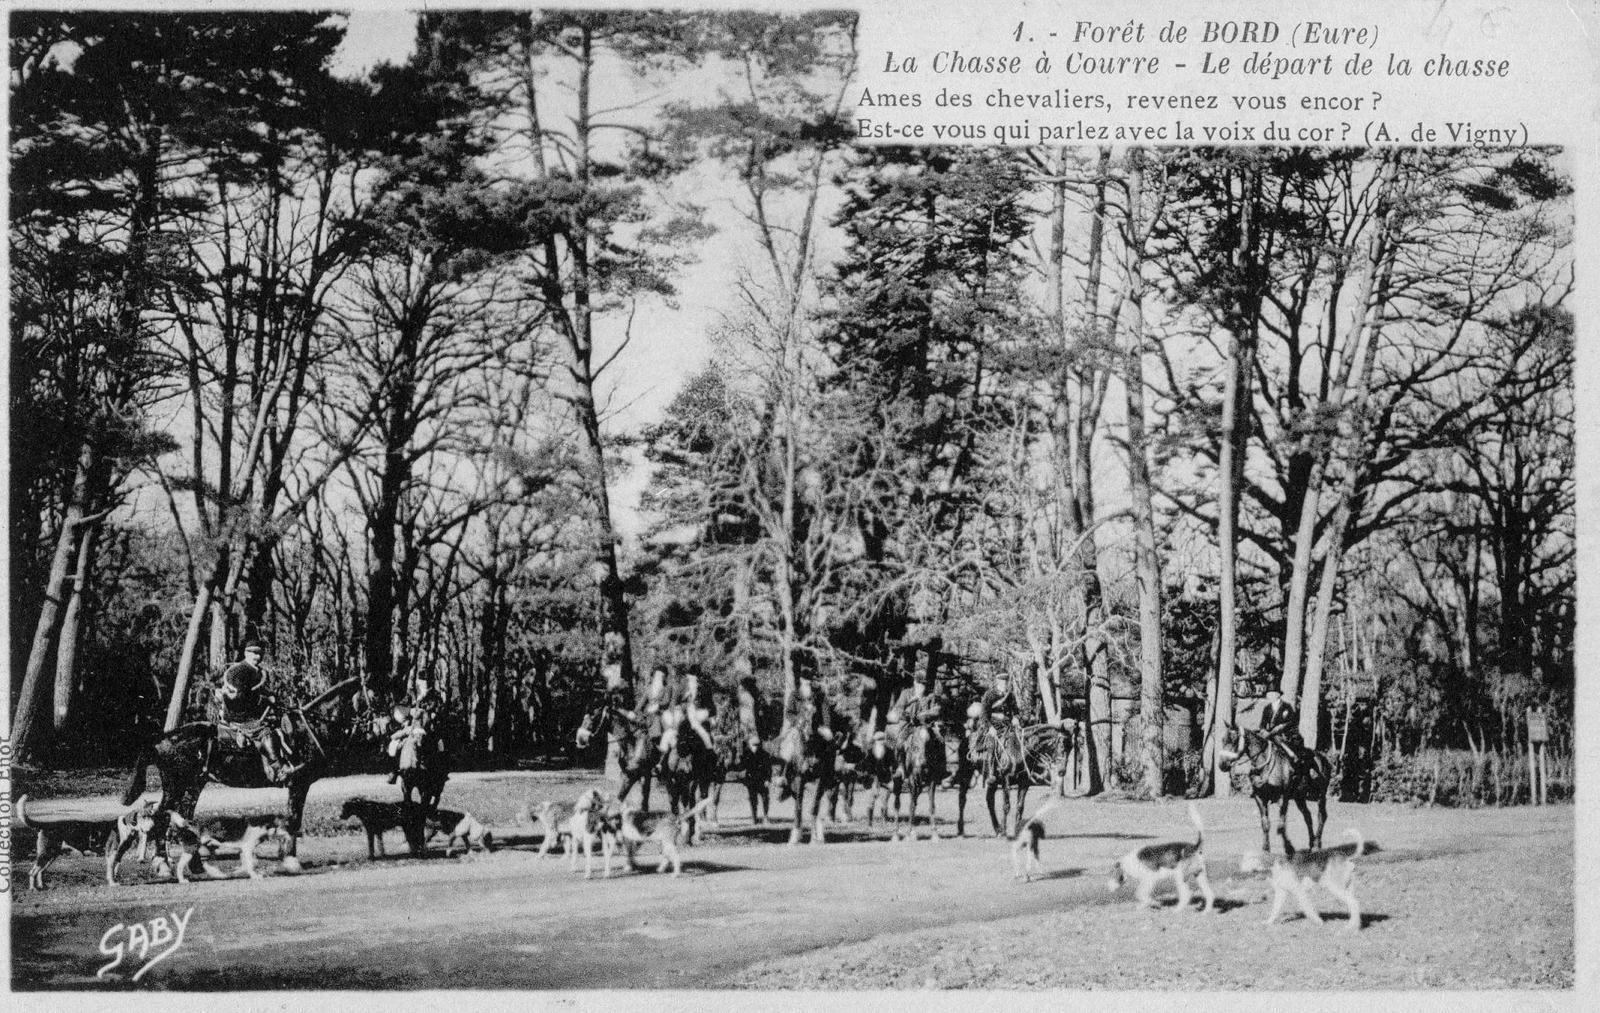 La chasse à courre en forêt de Bord représentée sur une carte postale.